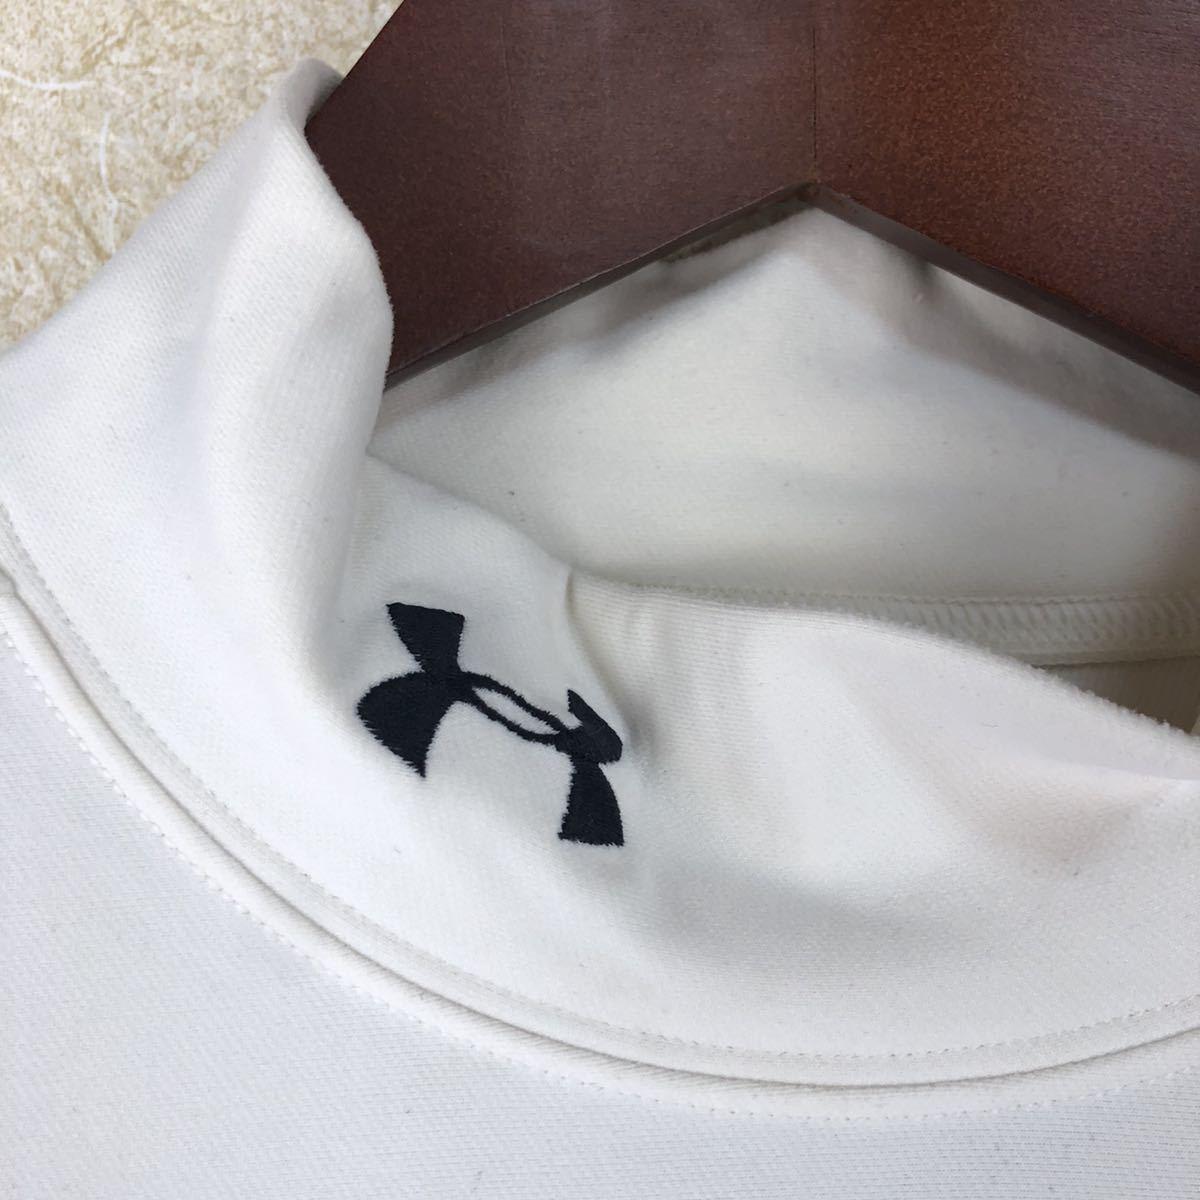 [送料無料 即決 使用感有 希少サイズ]アンダーアーマー 長袖 Tシャツ XXL ホワイト インナー コンプレッション 冬用 コールドギア